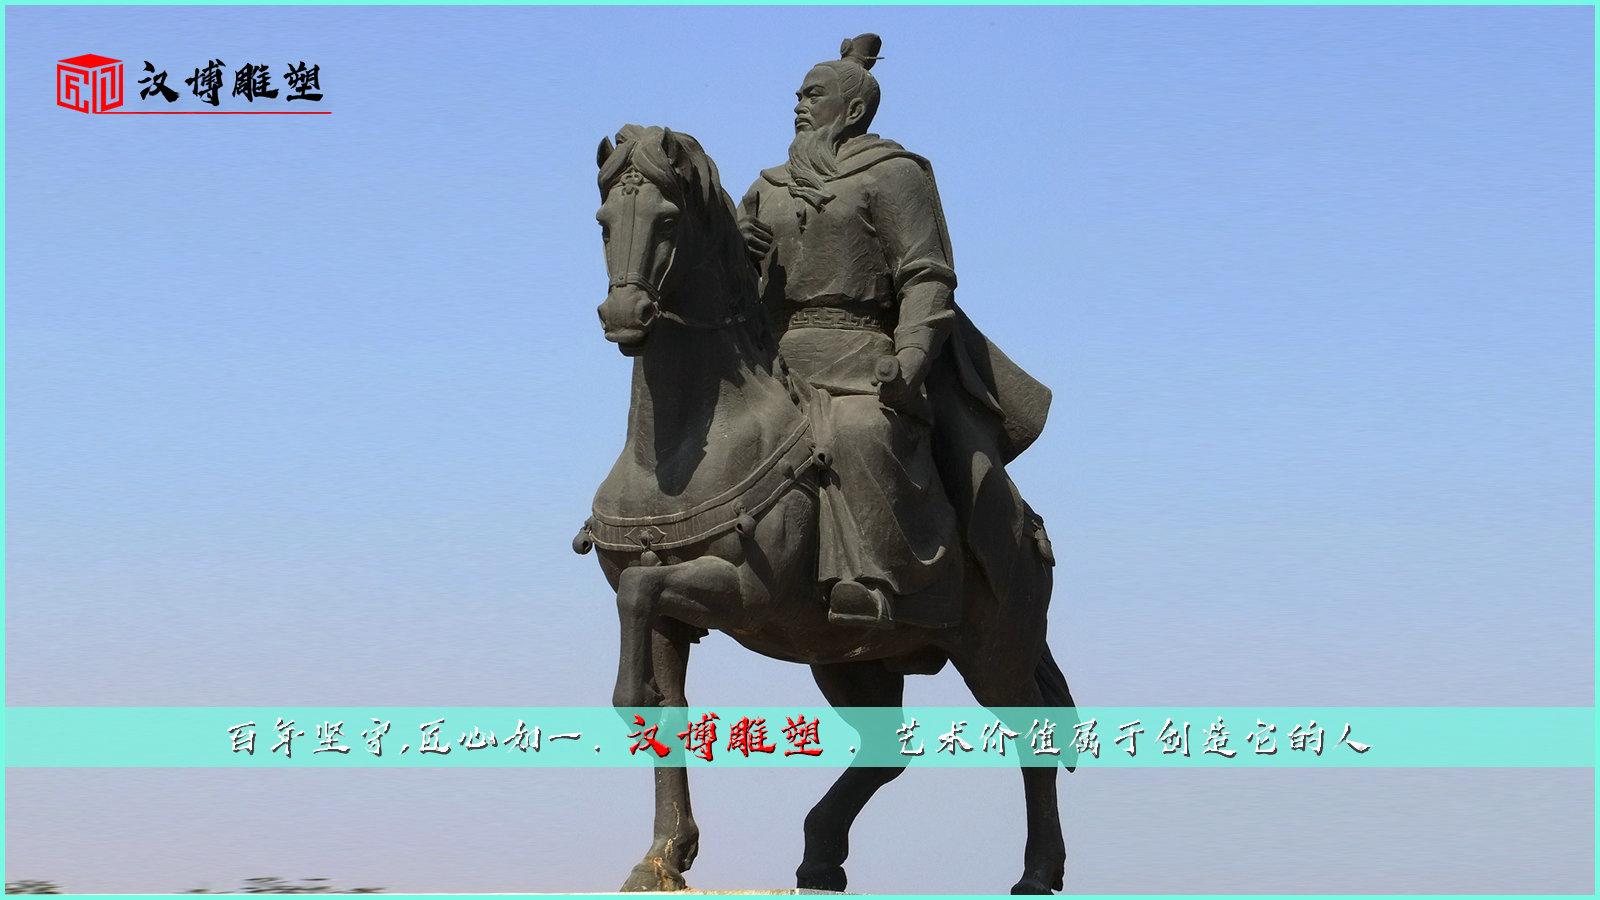 骑马人主题雕塑,马似流星人似箭